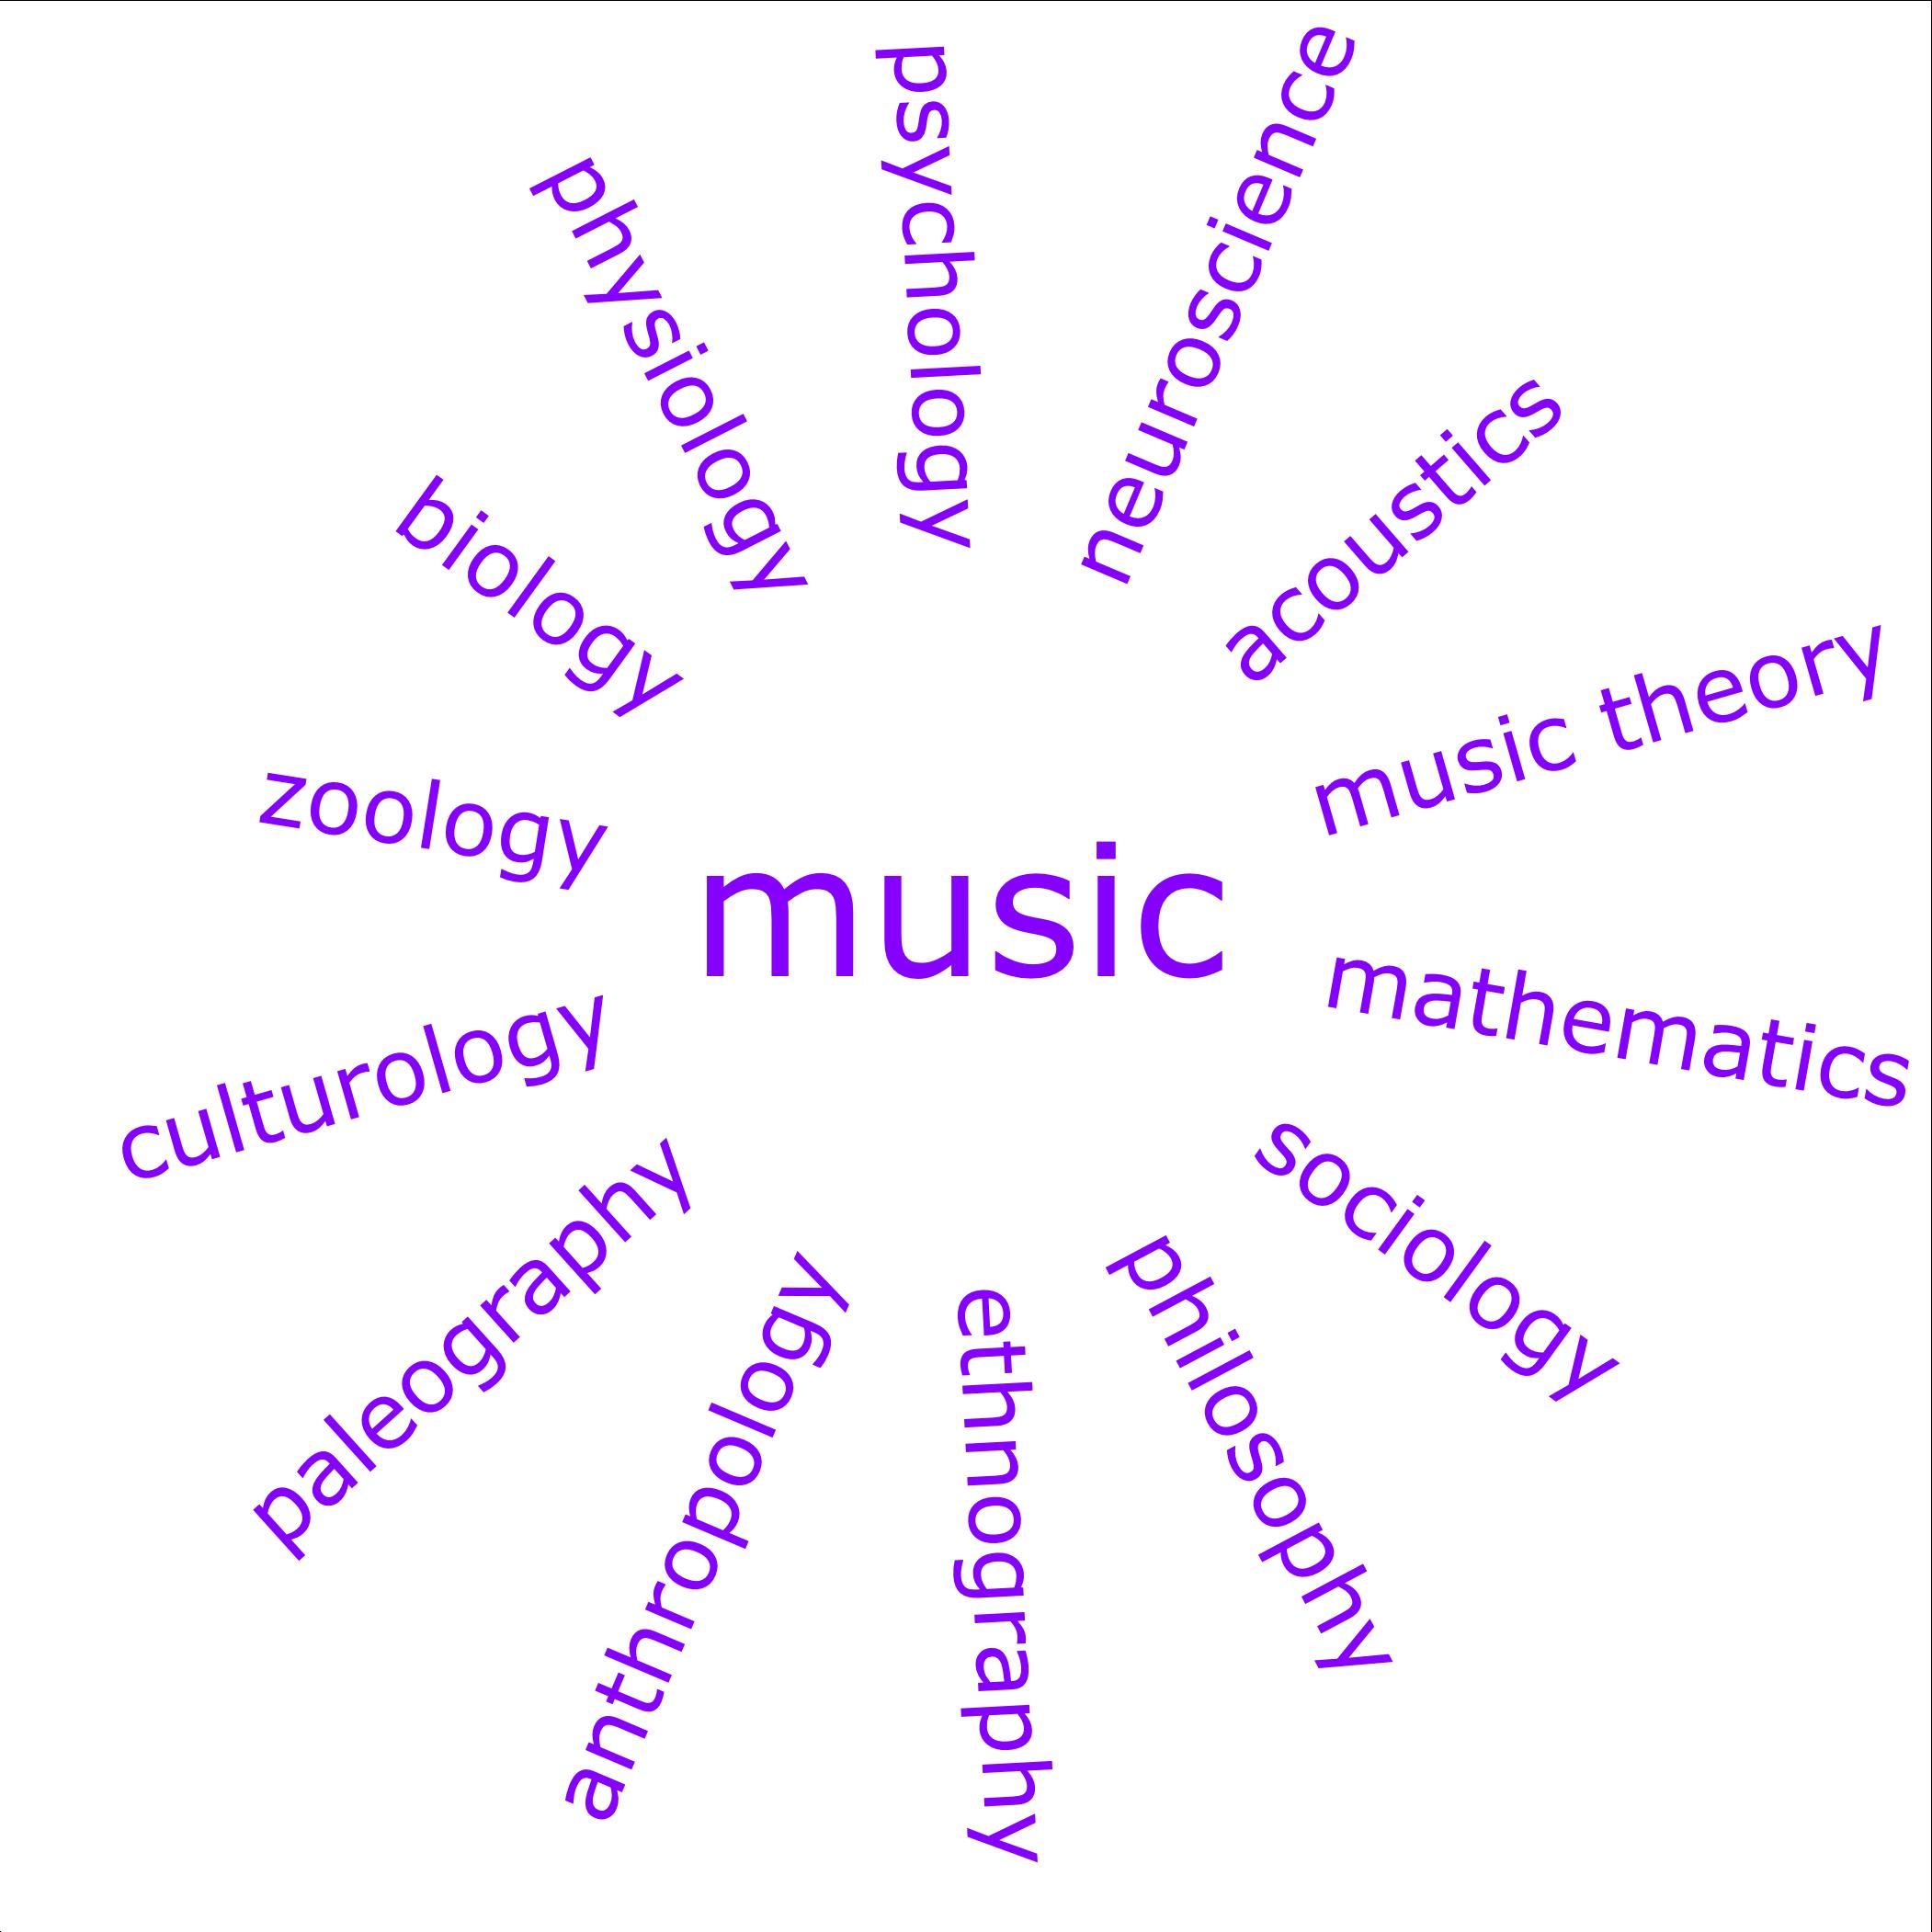 sciences unite around music